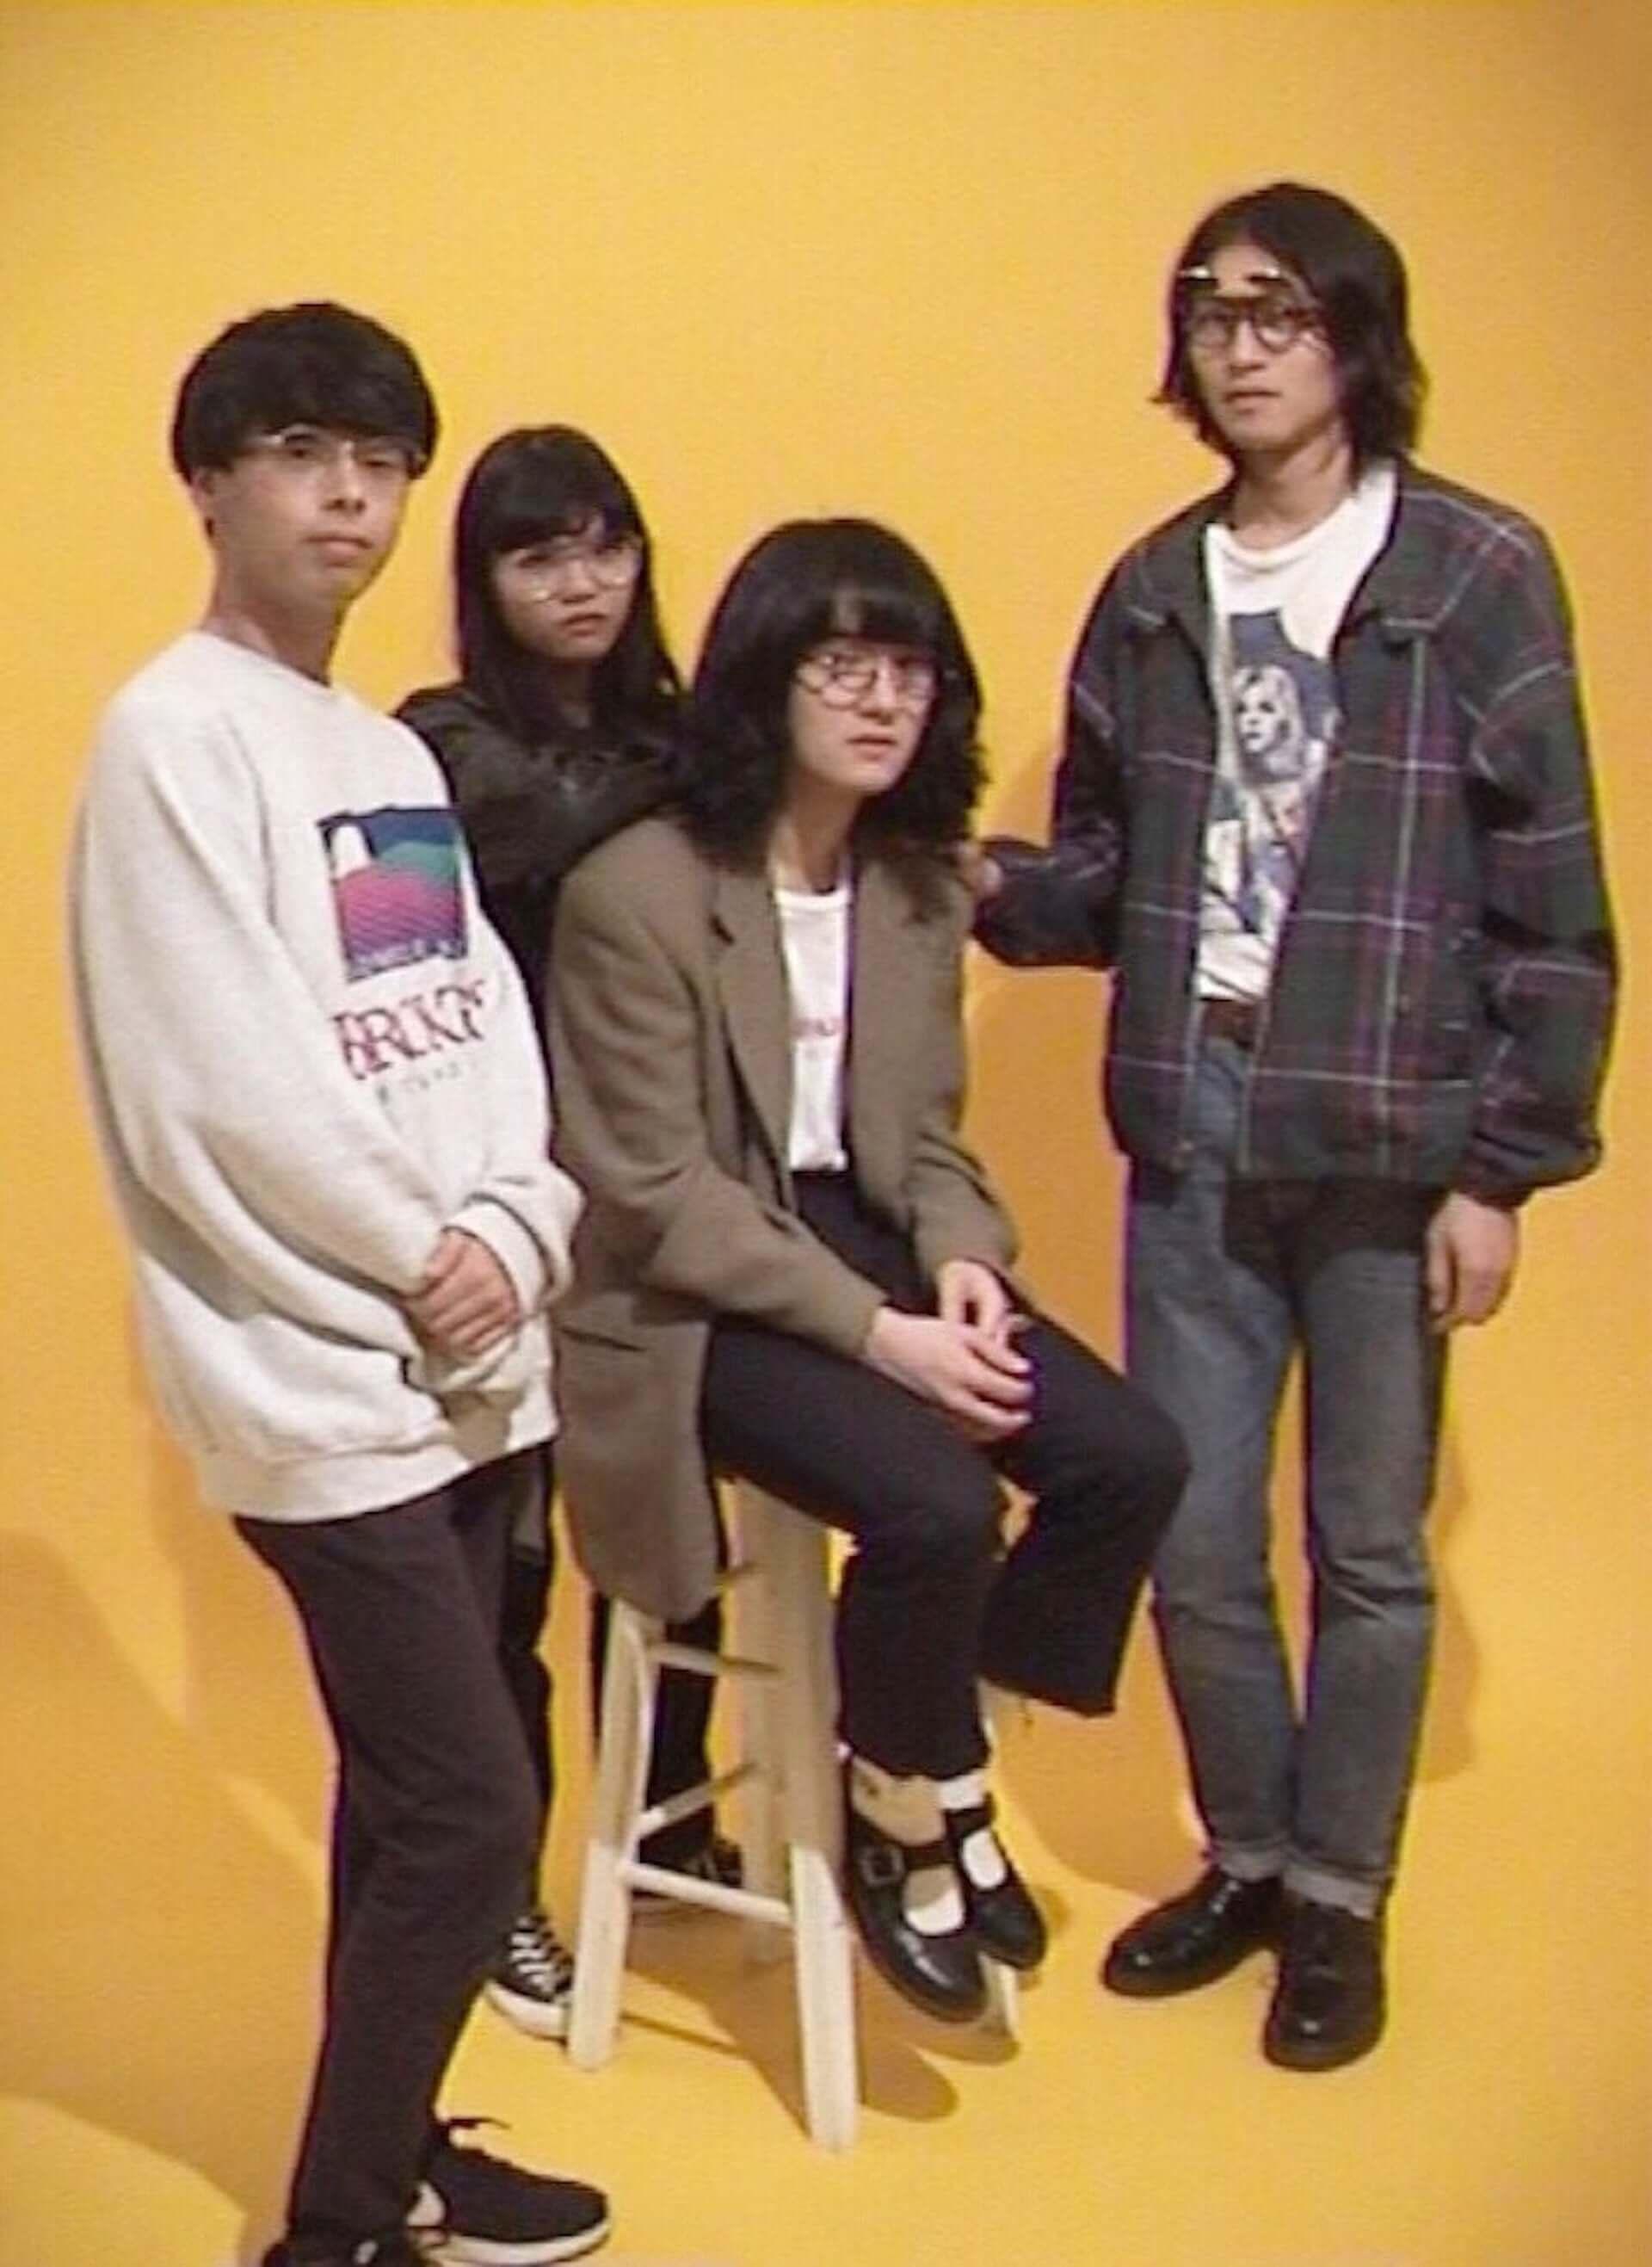 gatoの1stアルバム『BAECUL』リリースパーティーが渋谷WWWより生配信決定!ゲストにはNo Busesが登場 musiv201124_gato_3-1920x2634